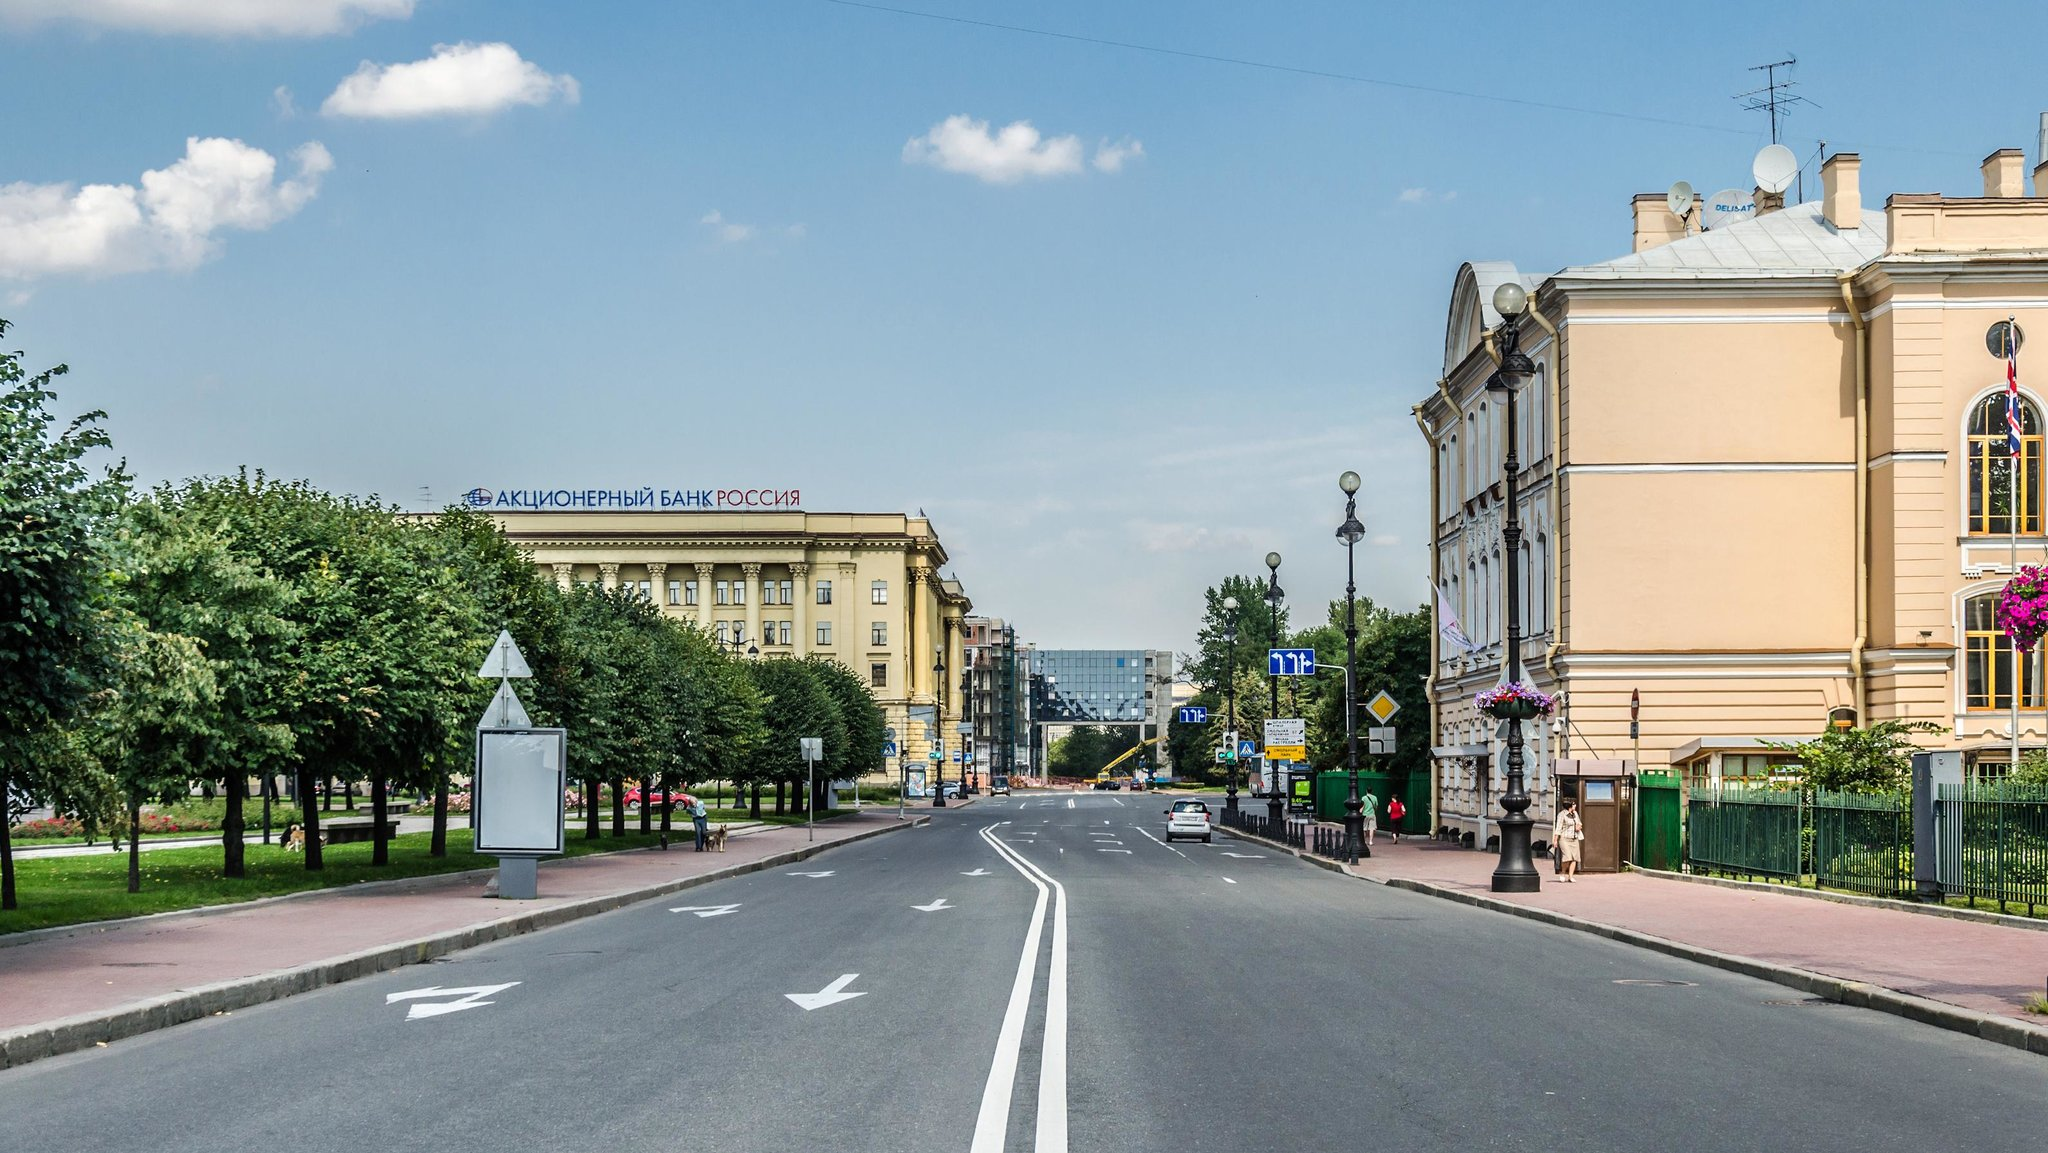 Улица Пролетарской Диктатуры в Санкт-Петербурге